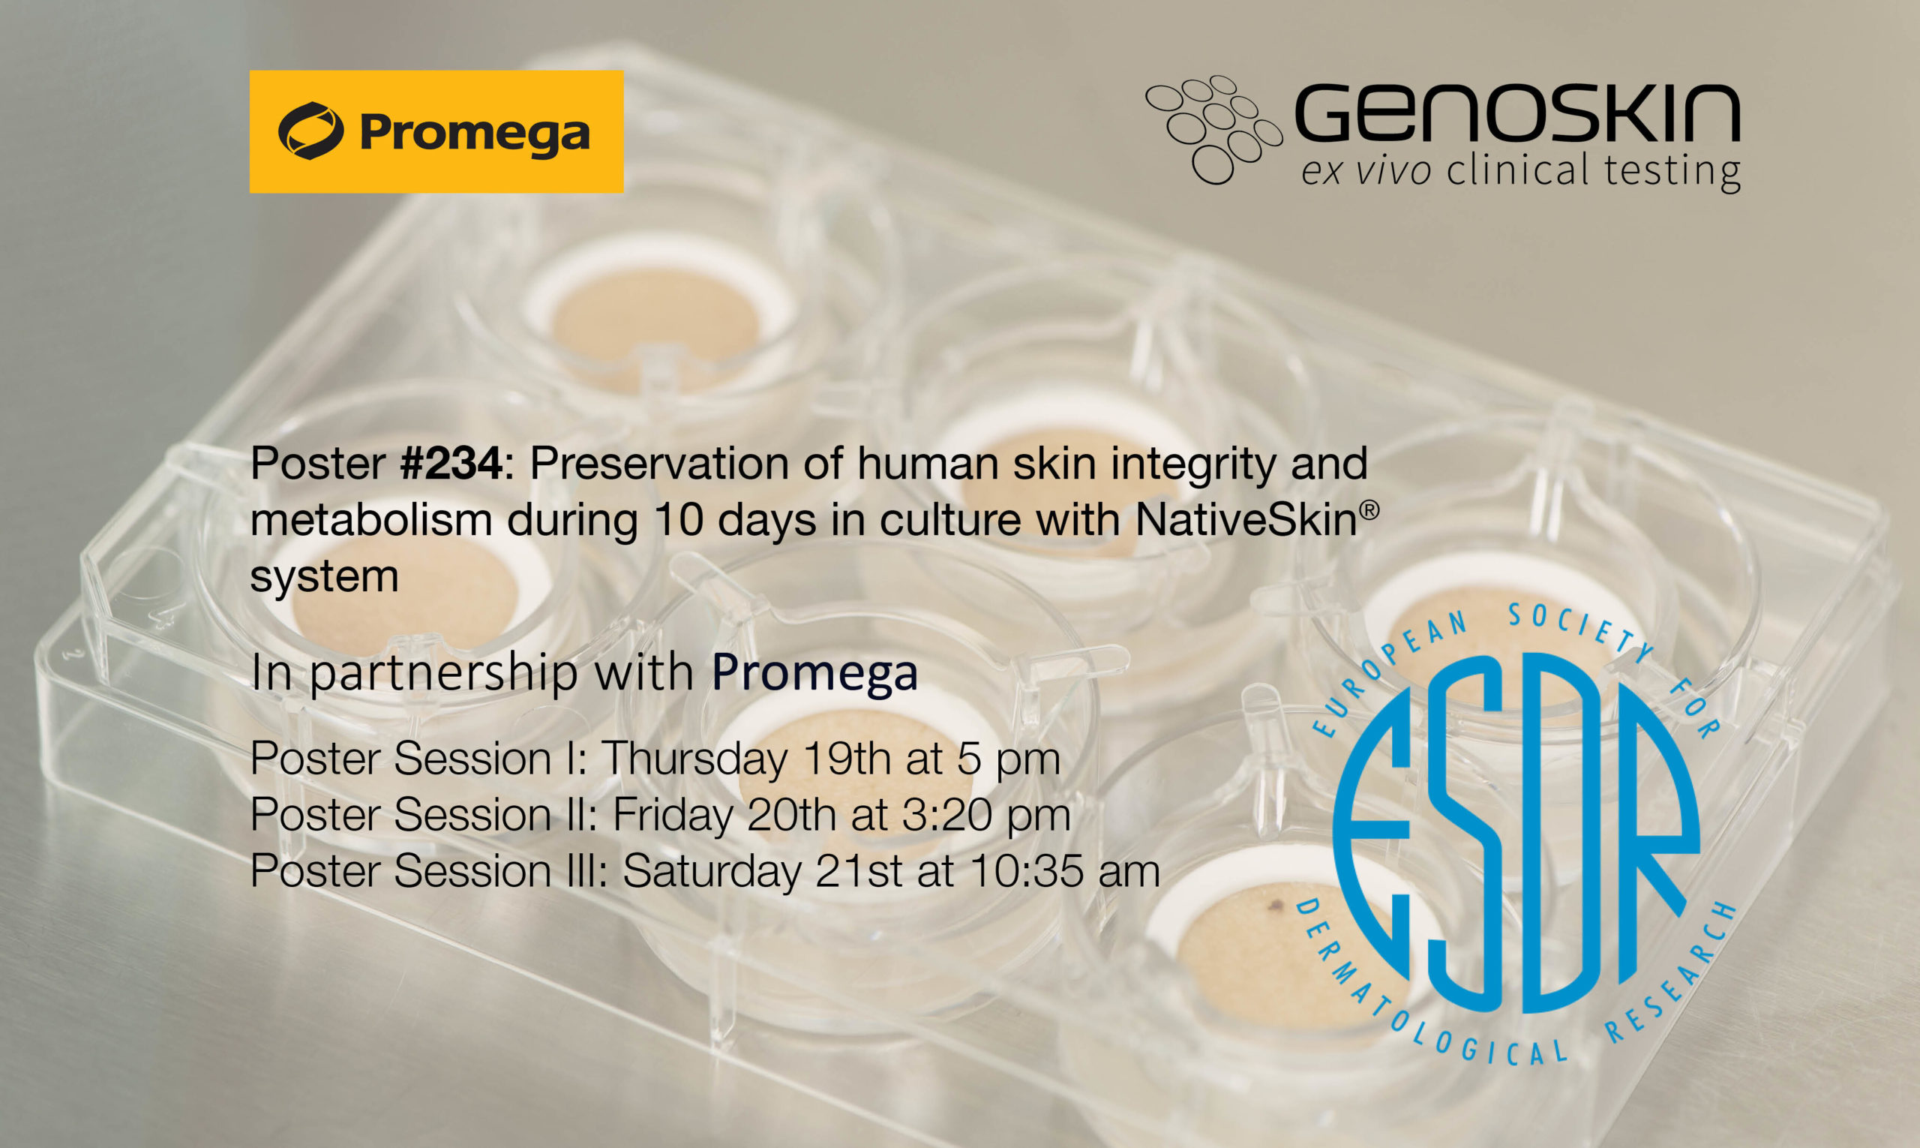 Illustration for ESDR2019 poster in partnership with Promega on metabolism ans skin preservation after 10 days